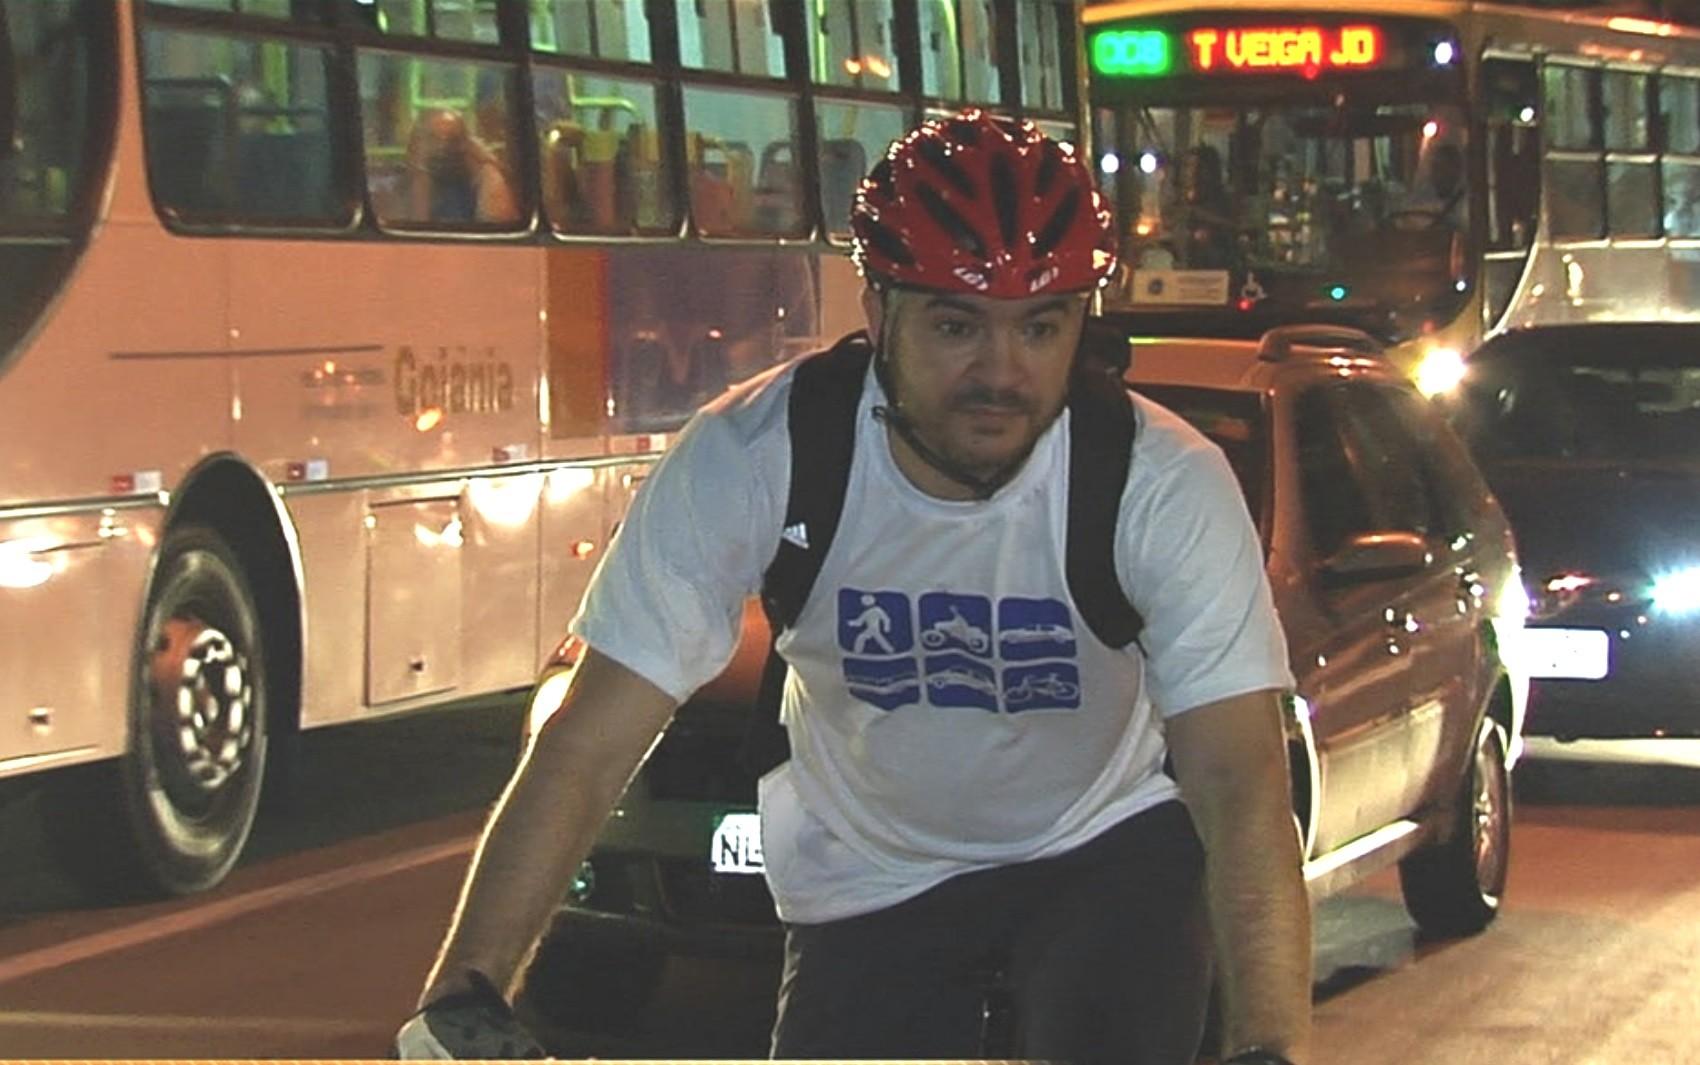 Bicicleta é a mais rápida em desafio no trânsito de Goiânia contra carro, ônibus e outros meios